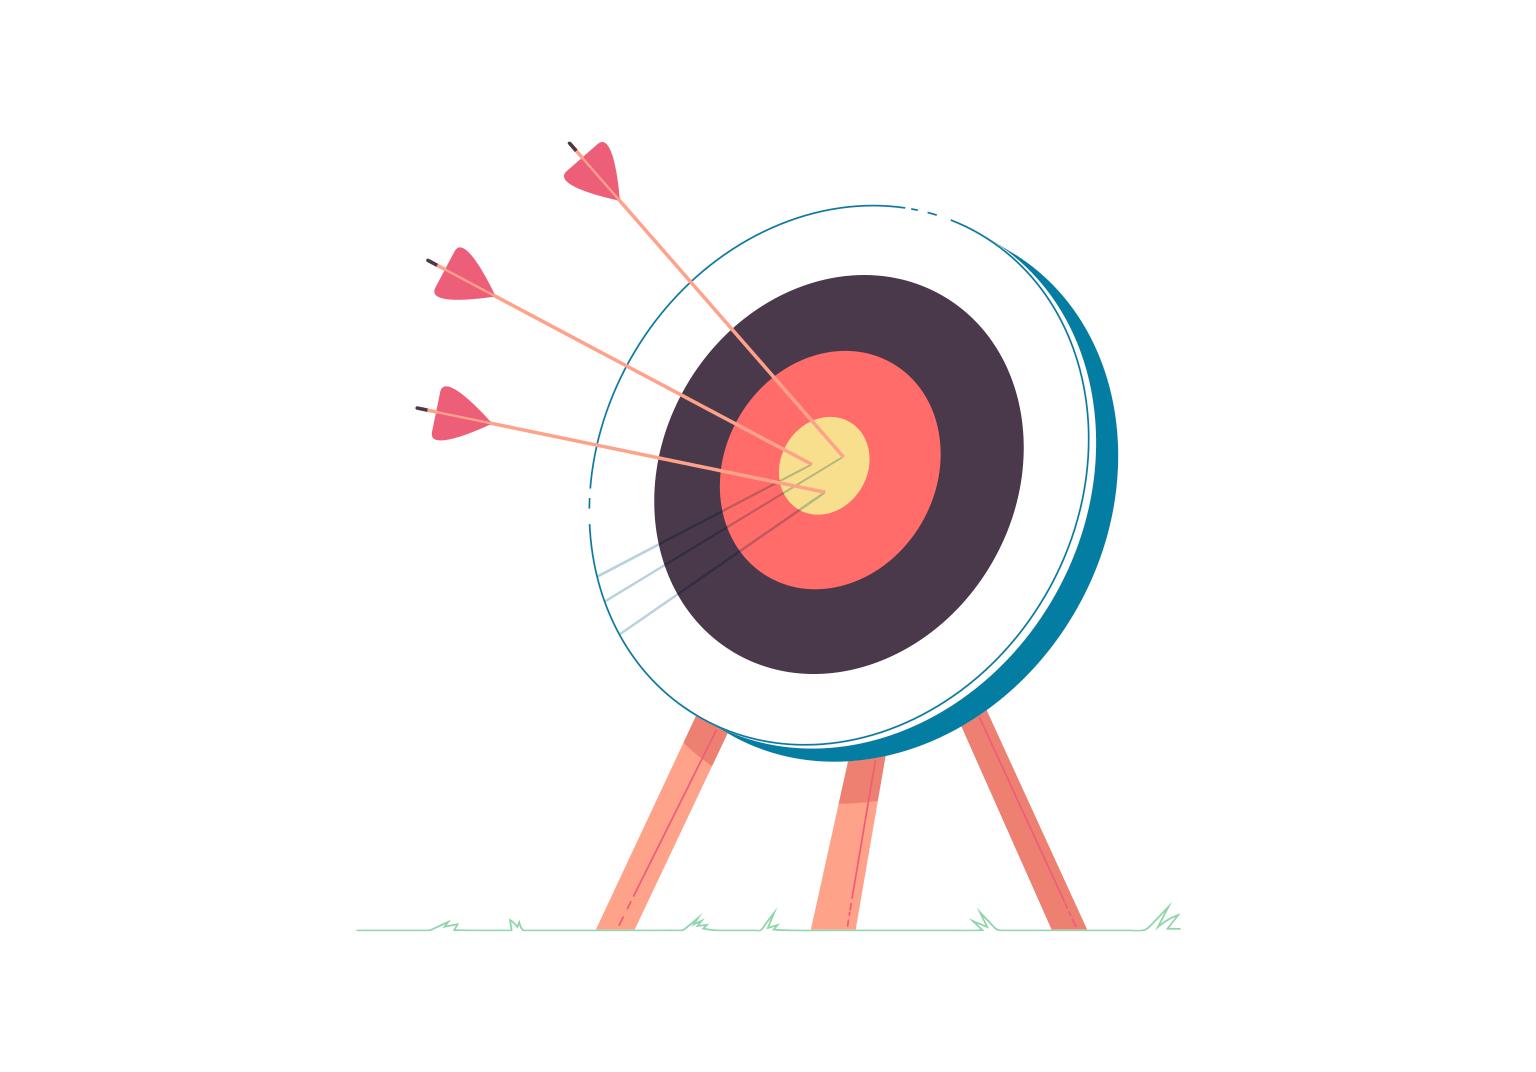 Arrows in a bullseye target.